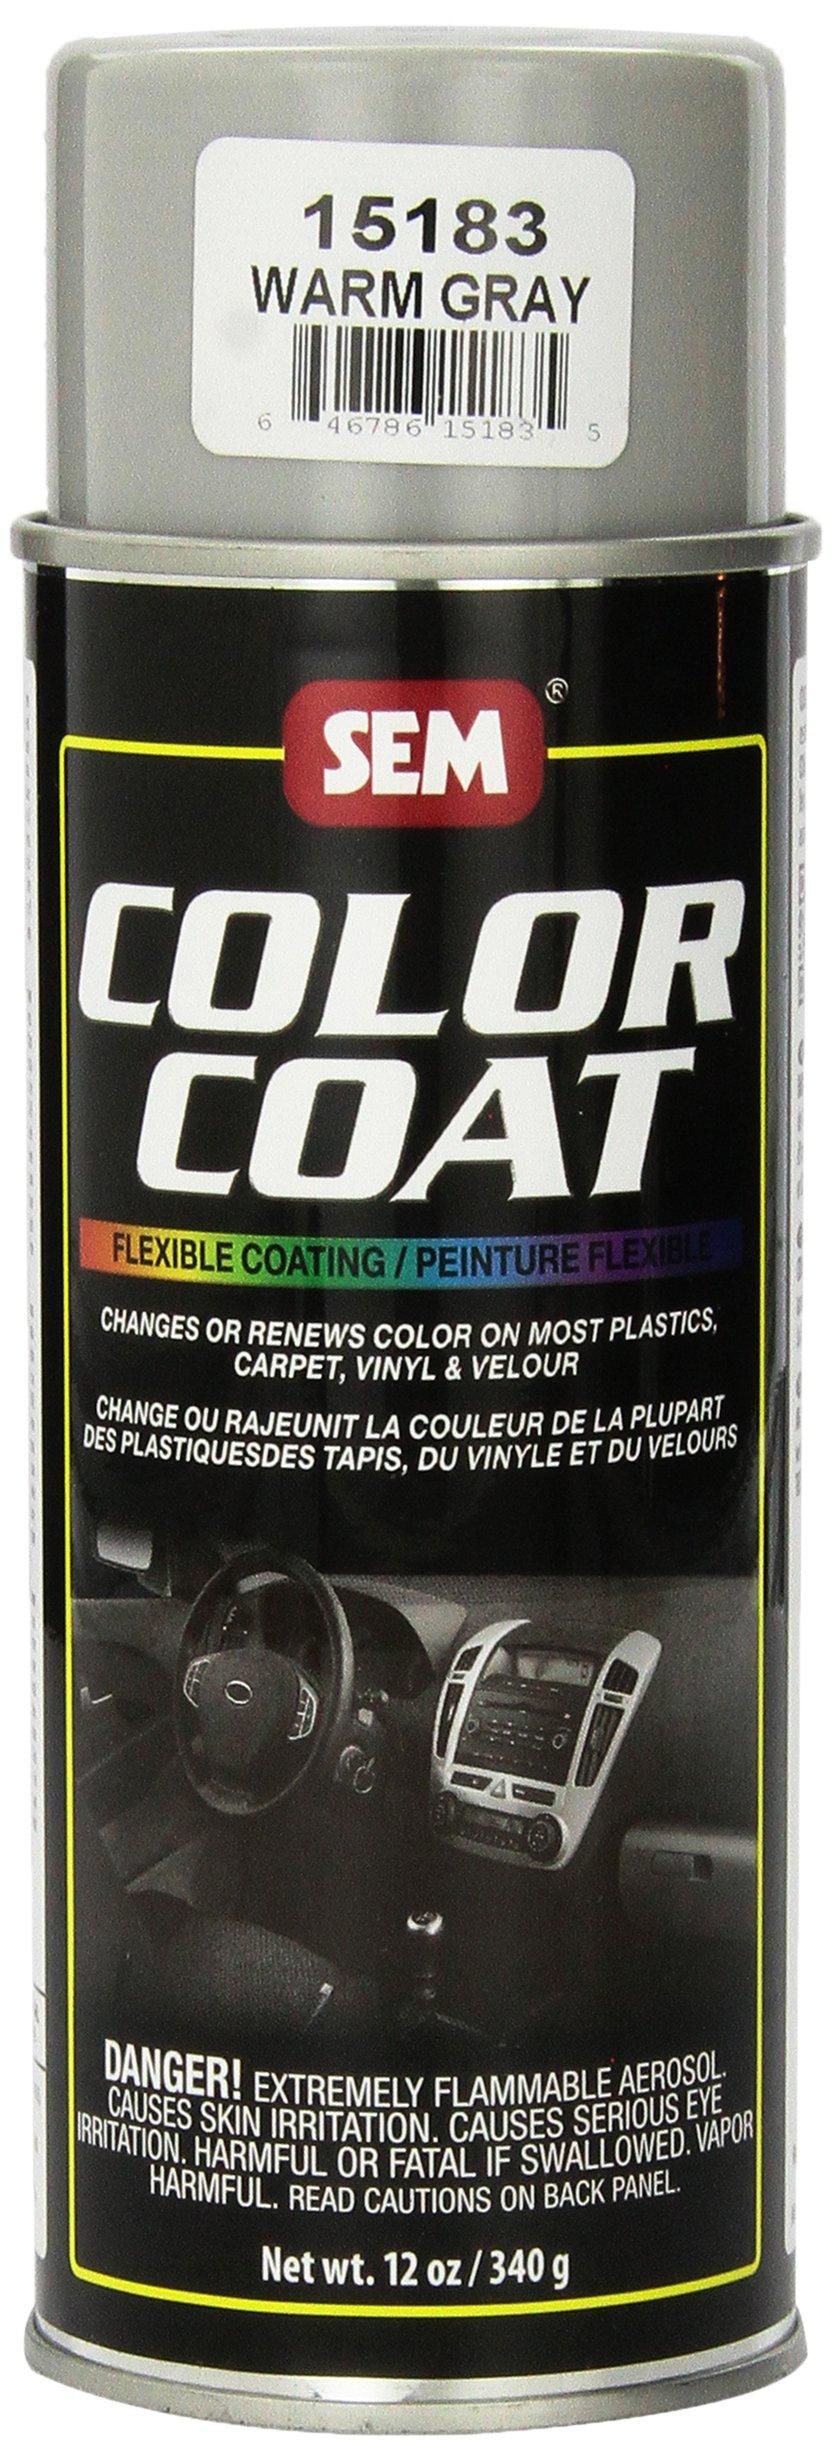 SEM 15183 Warm Gray Color Coat - 12 oz..